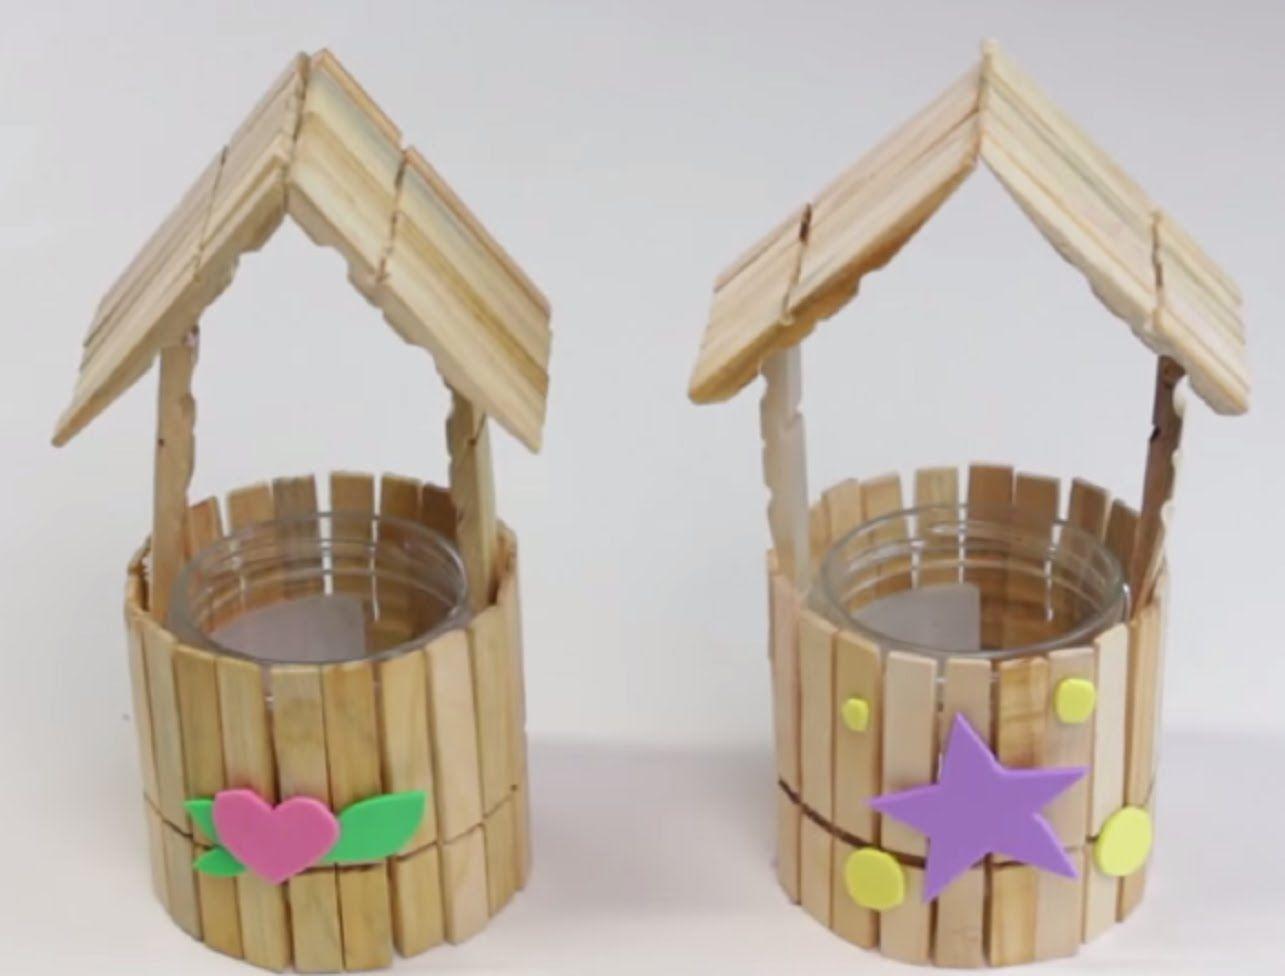 cmo hacer casita con pinzas de madera